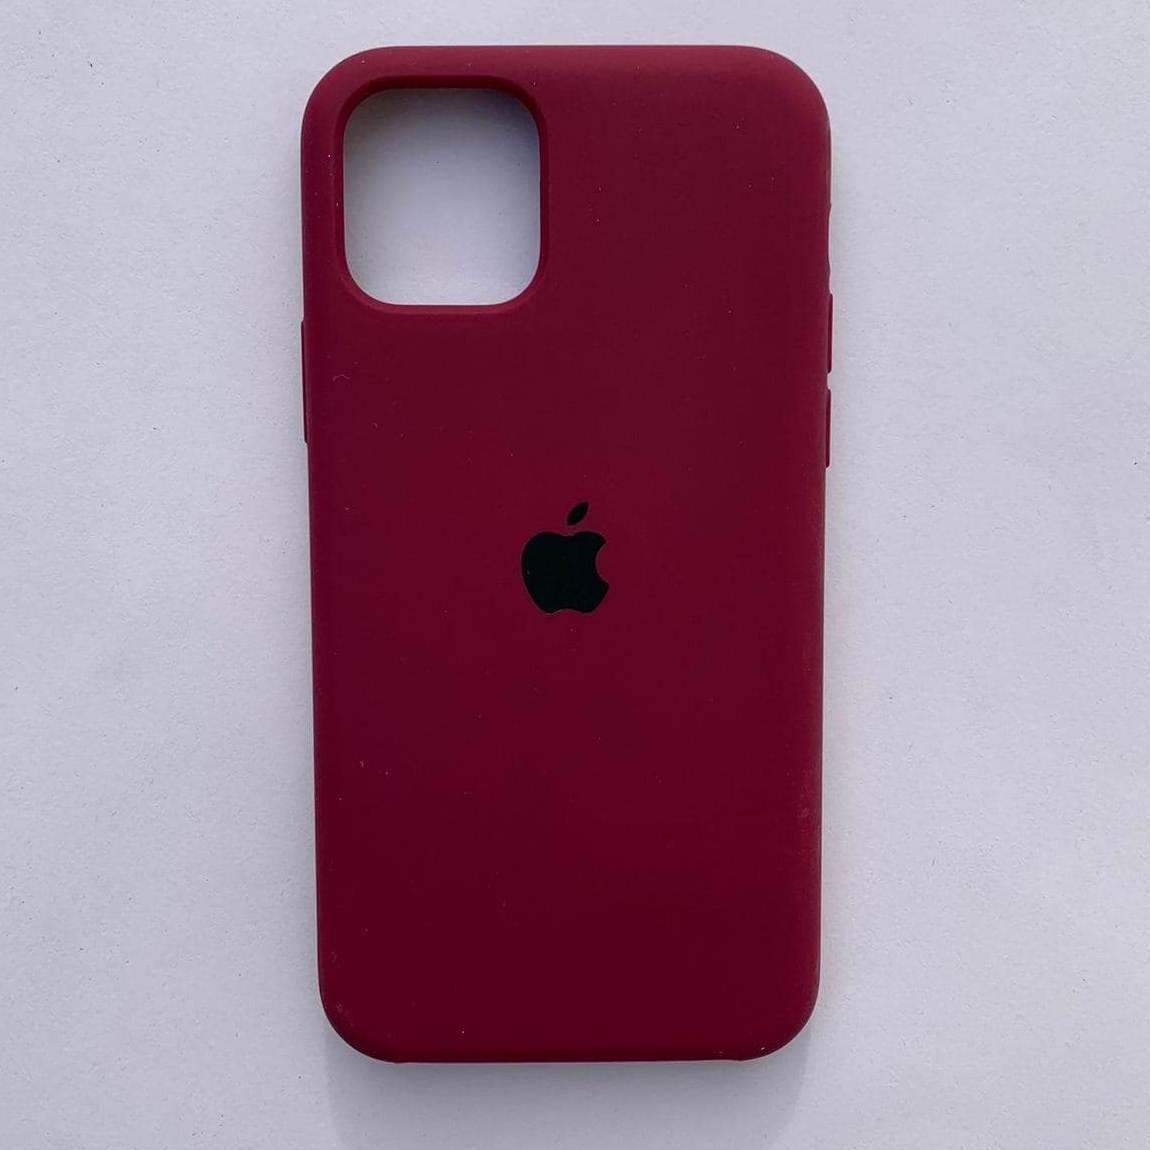 Чехол Silicone Case для Apple iPhone 11 Pro Max Cherry